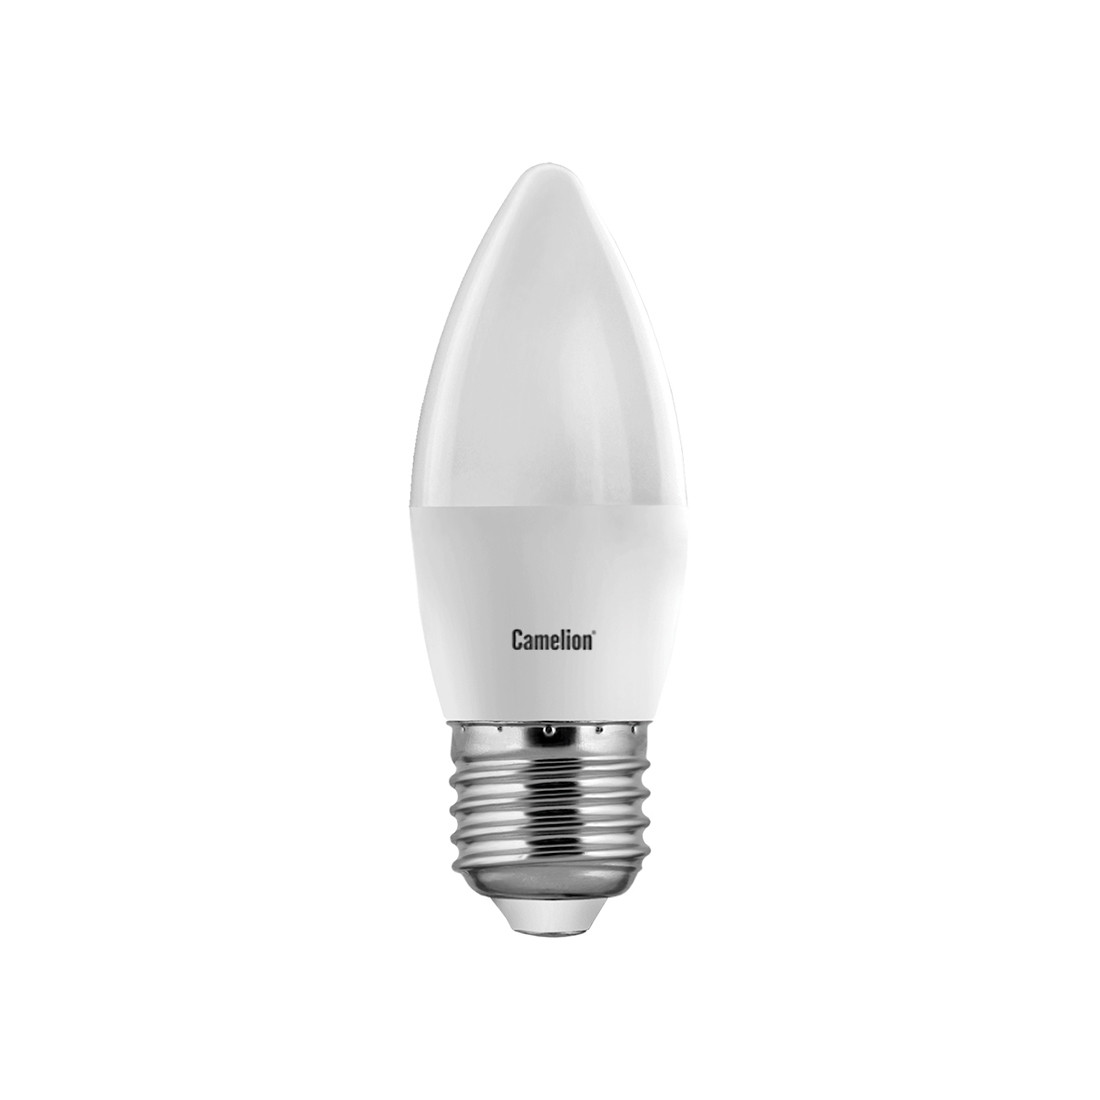 Эл. лампа светодиодная Camelion C35/4500К/E27/7Вт, Холодный